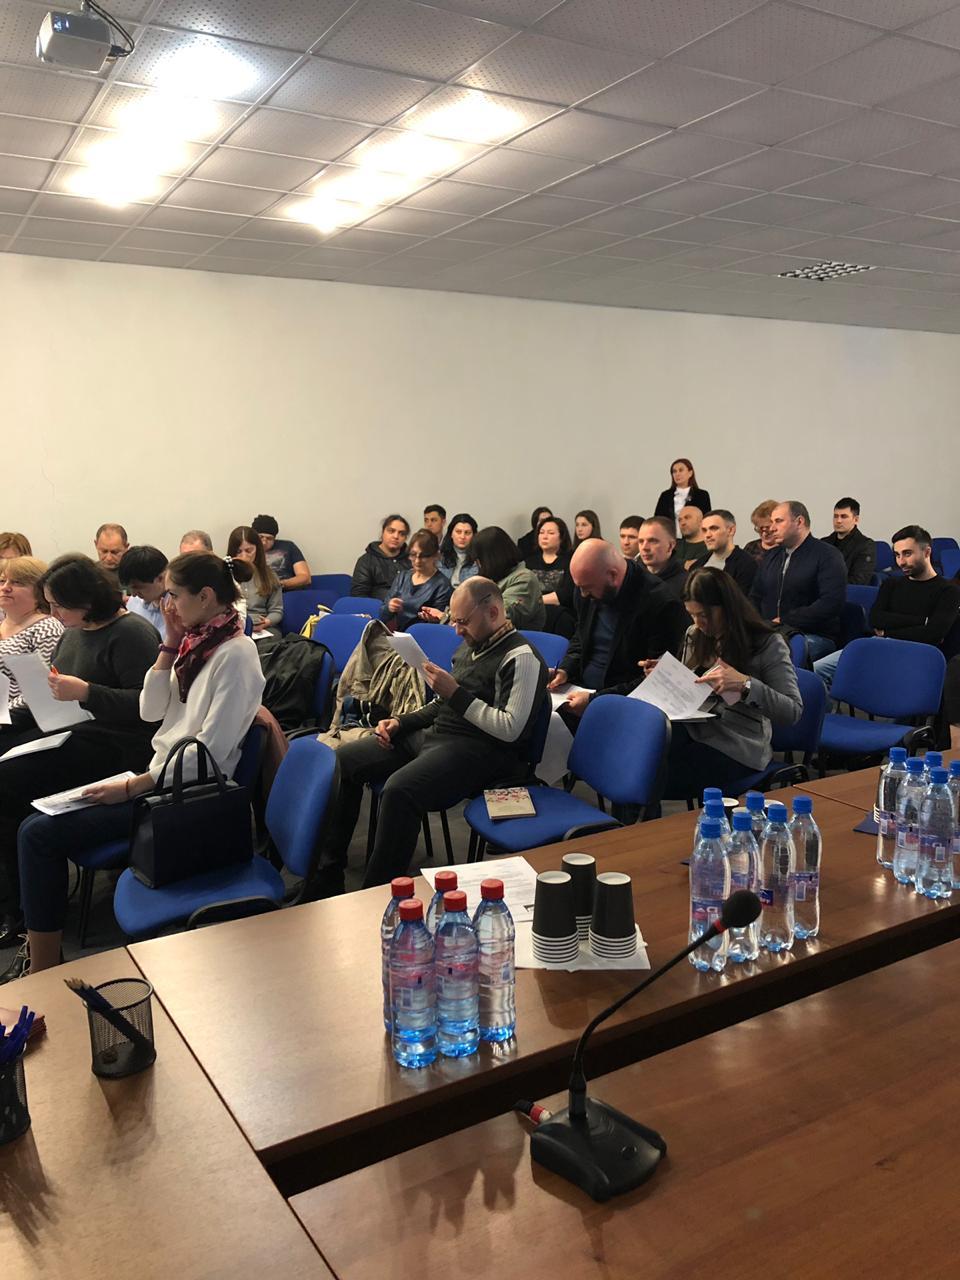 4 апреля 2019 года Центром поддержки экспорта Фонда поддержки предпринимательства РСО-Алания организован и проведен семинар на тему: «Специфика экспорта продукции в Иран, Азербайджан, Аремению и Грузию. Внутреннее законодательство и и валютный рынок»